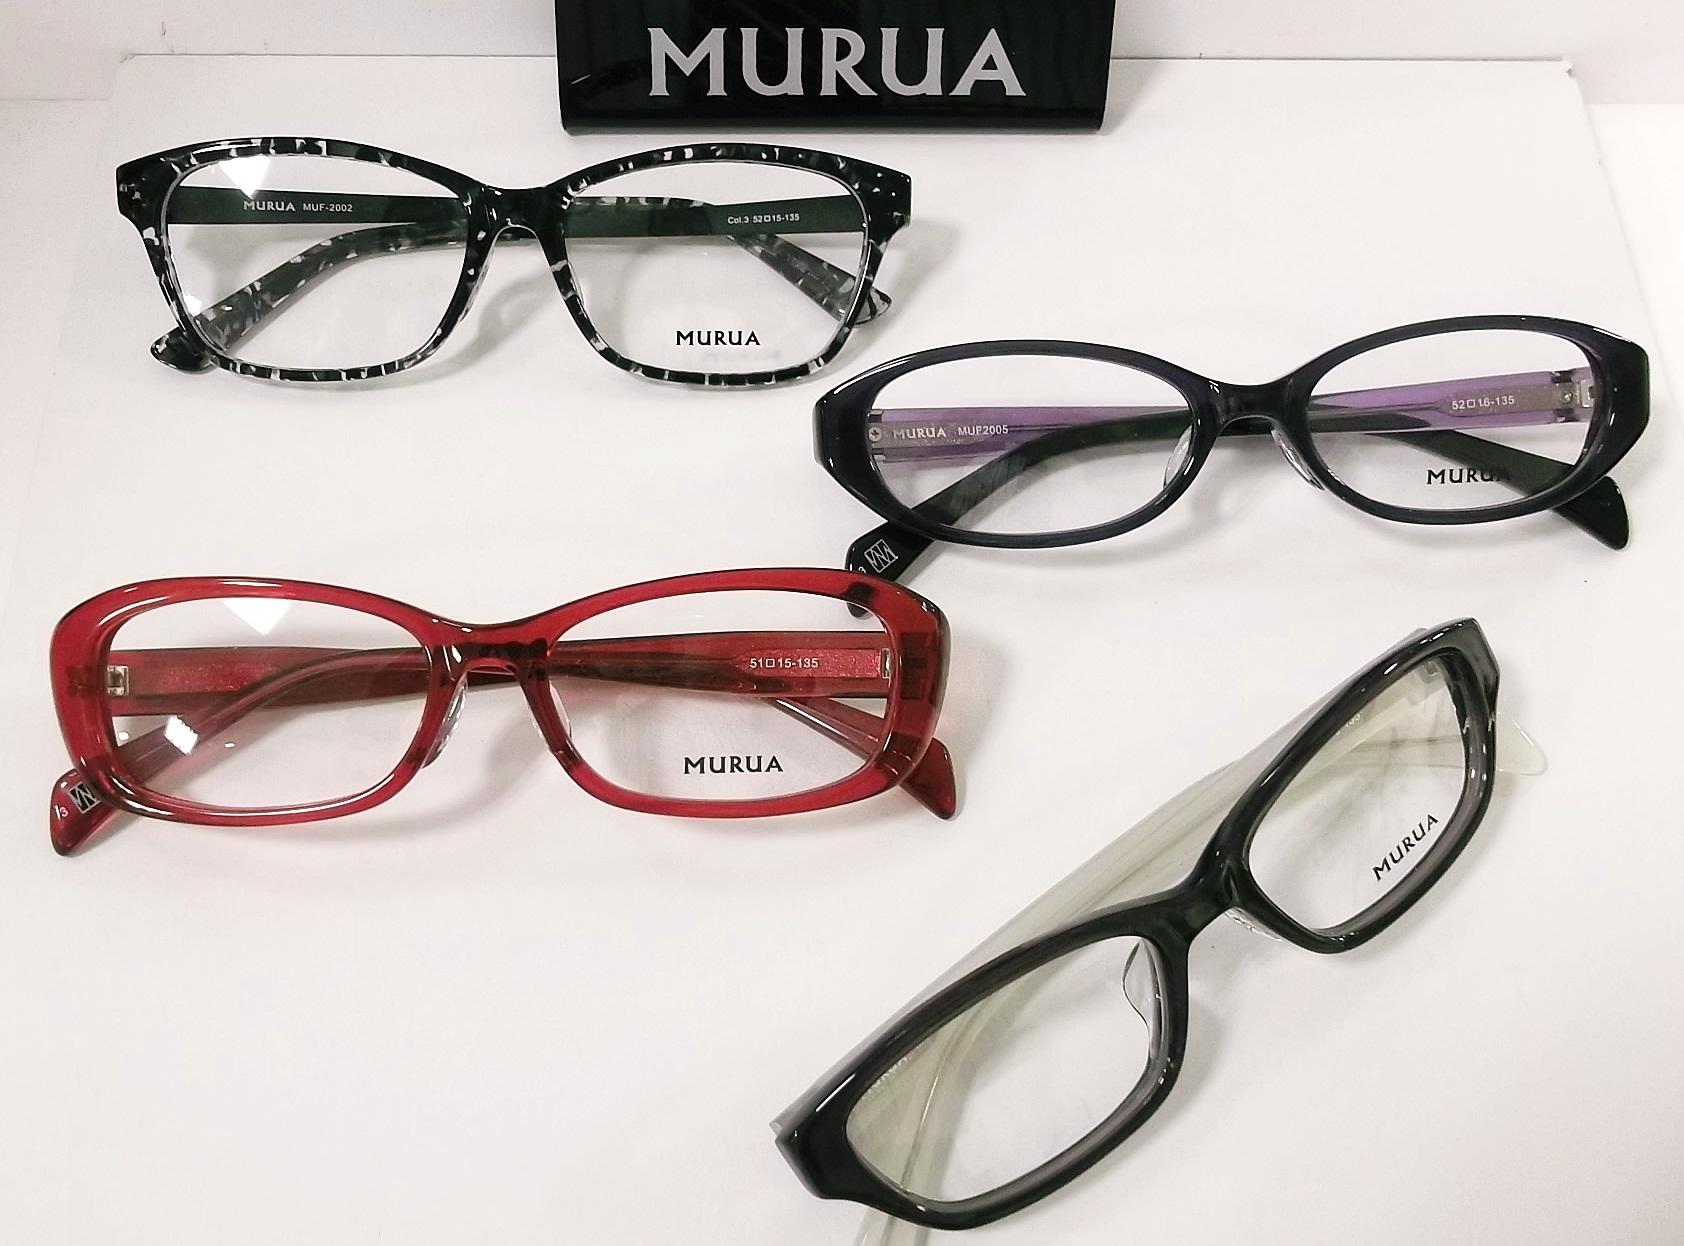 MURUA 102902